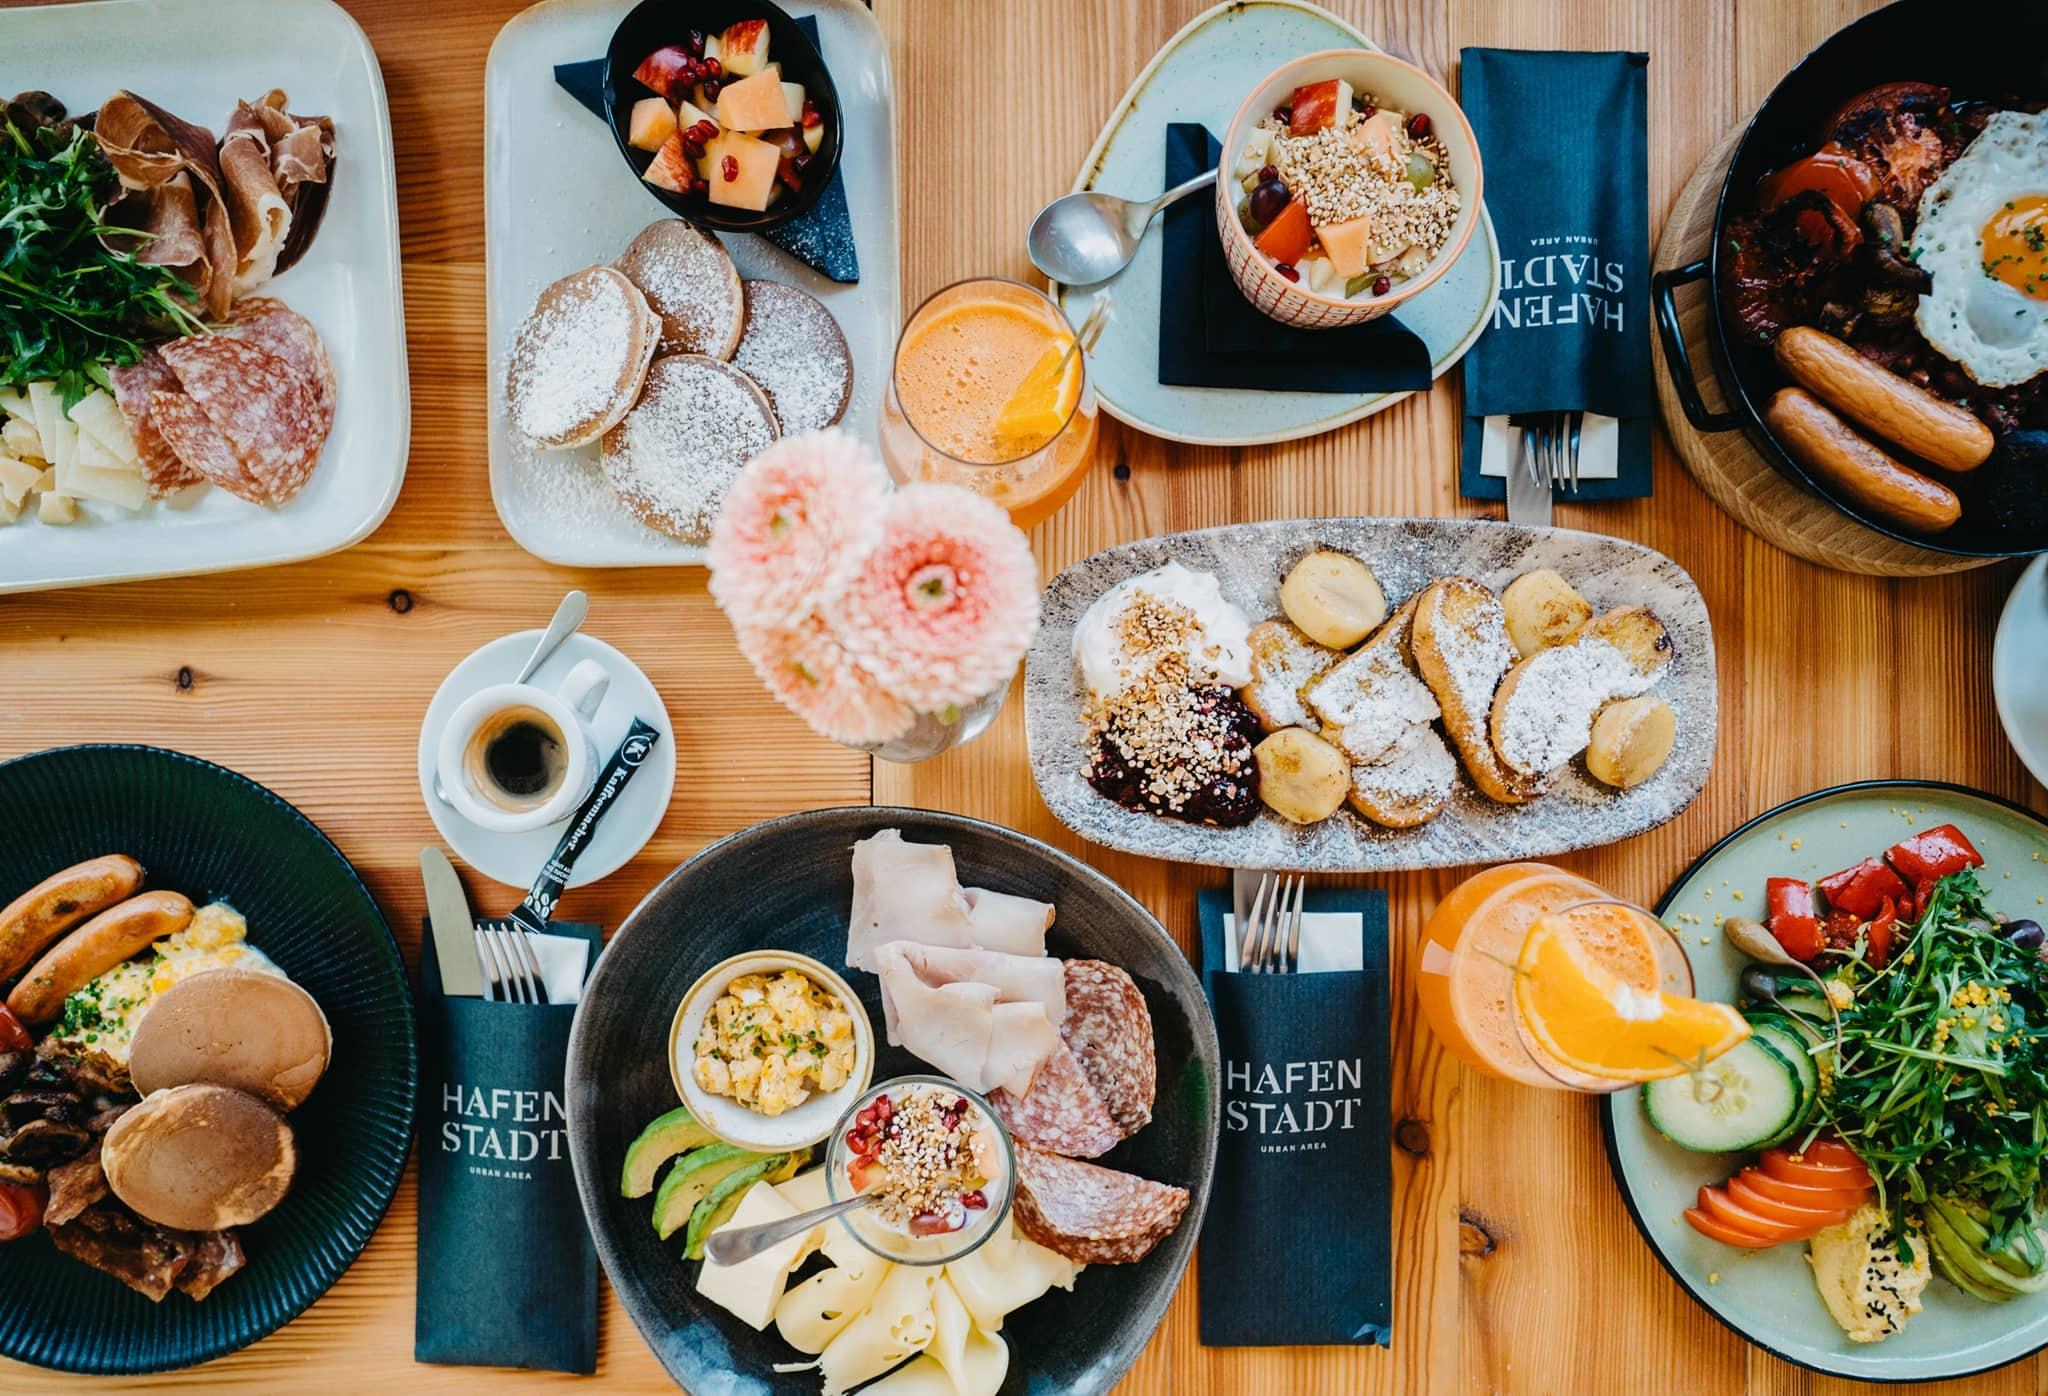 Süß und deftig frühstücken und brunchen in der Hafenstadt (c) Hafenstadt Urban Area